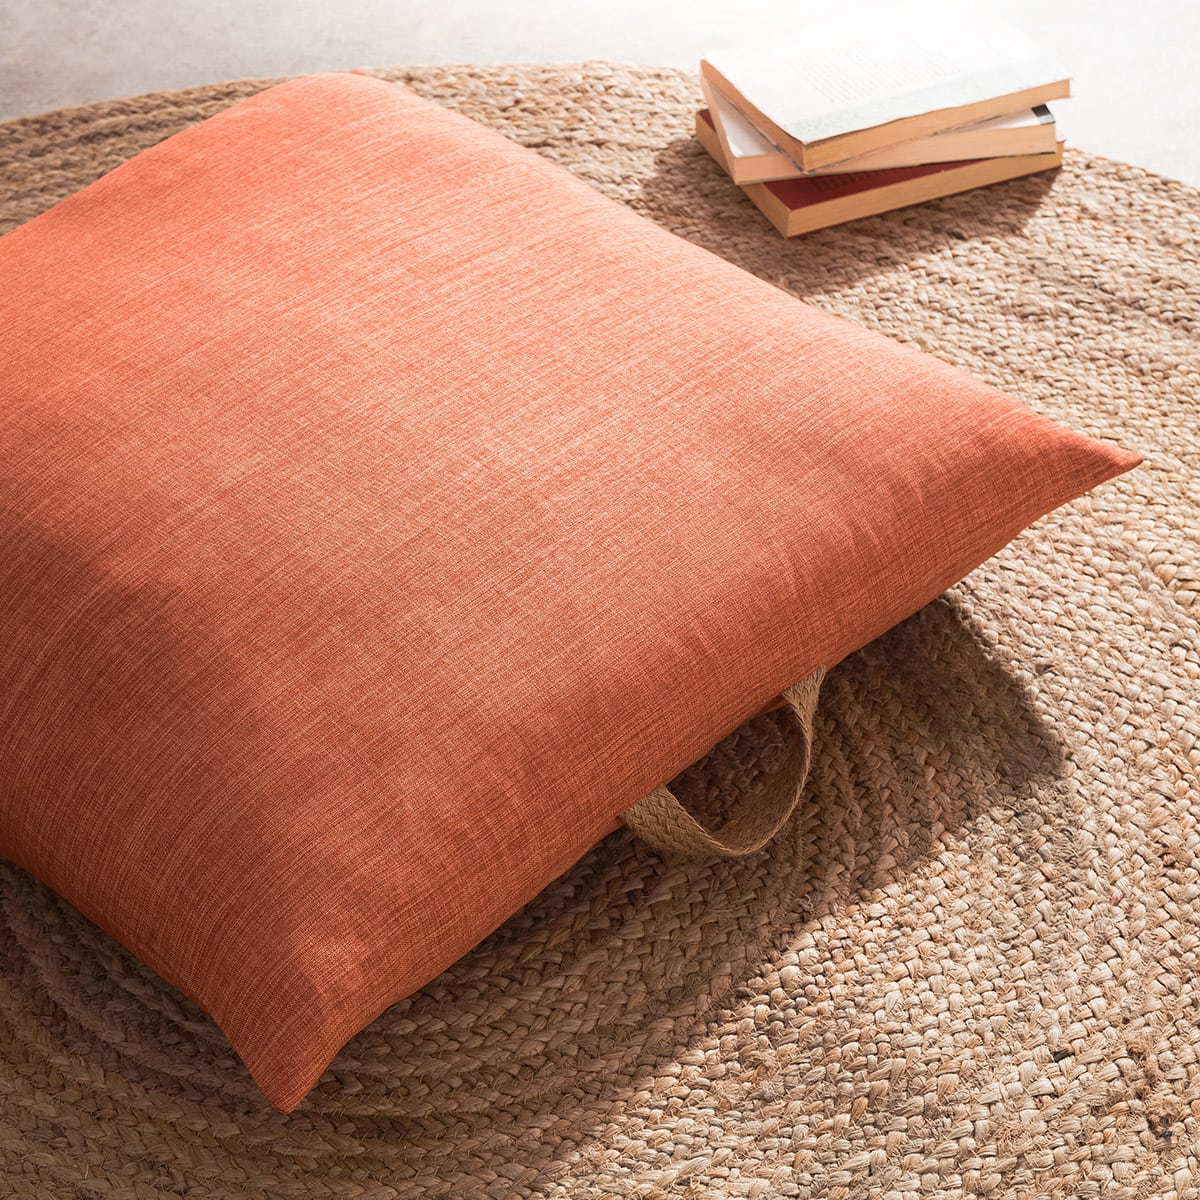 Μαξιλαροθήκη Διακοσμητική Δαπέδου Chrome 930A/13 Tan Brown Gofis Home 60X60 100% polyester